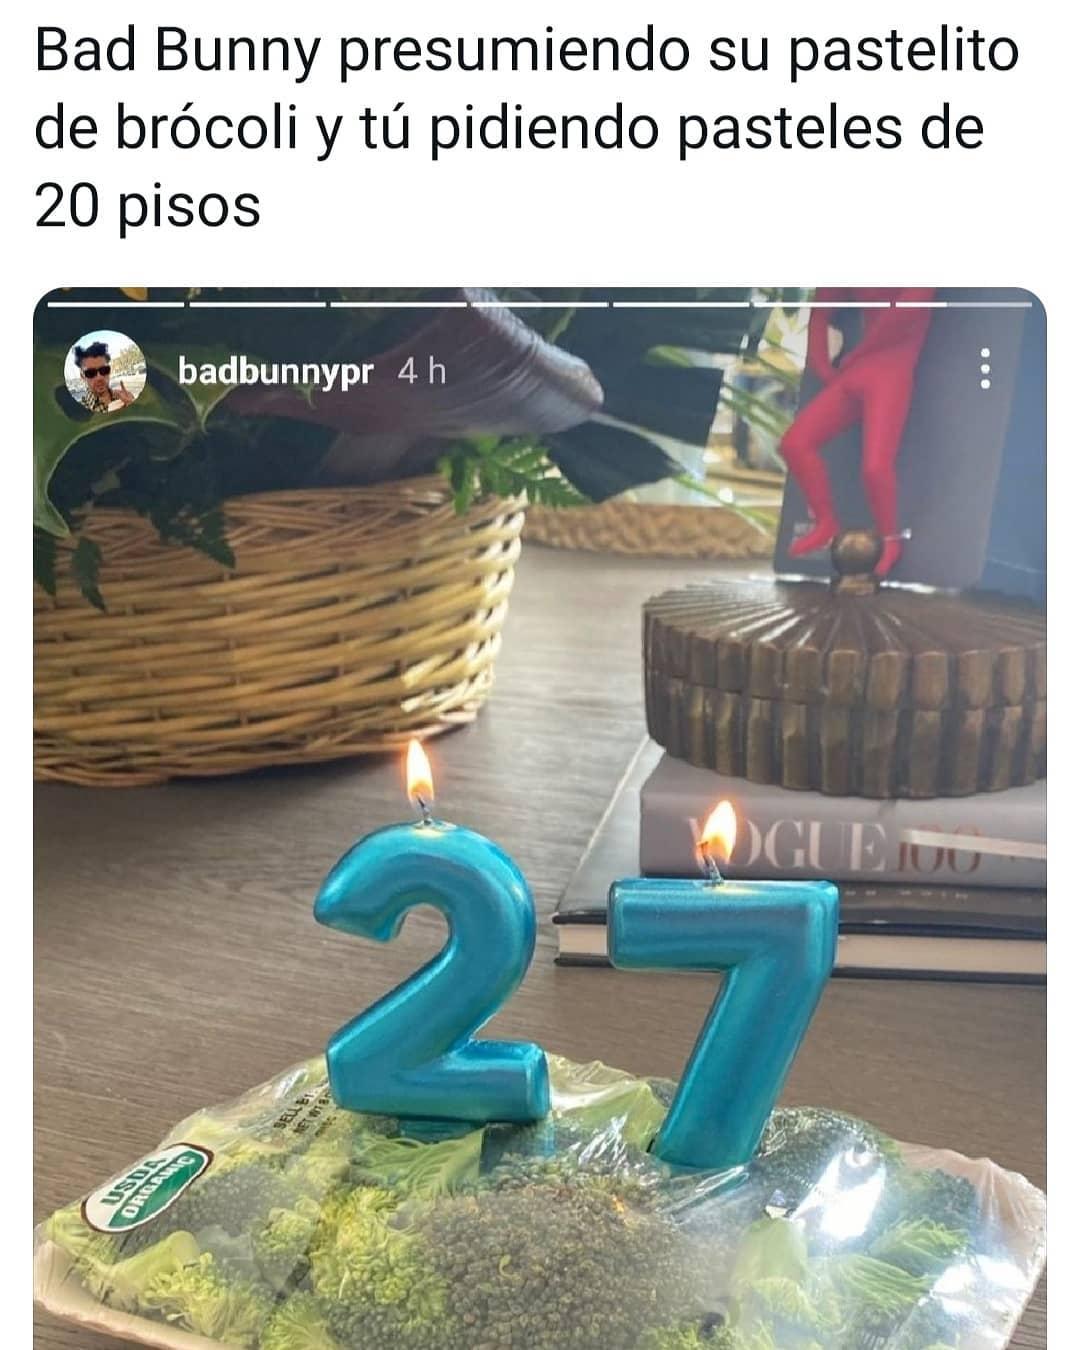 Bad Bunny presumiendo su pastelito de brócoli y tu pidiendo pasteles de 20 pisos.